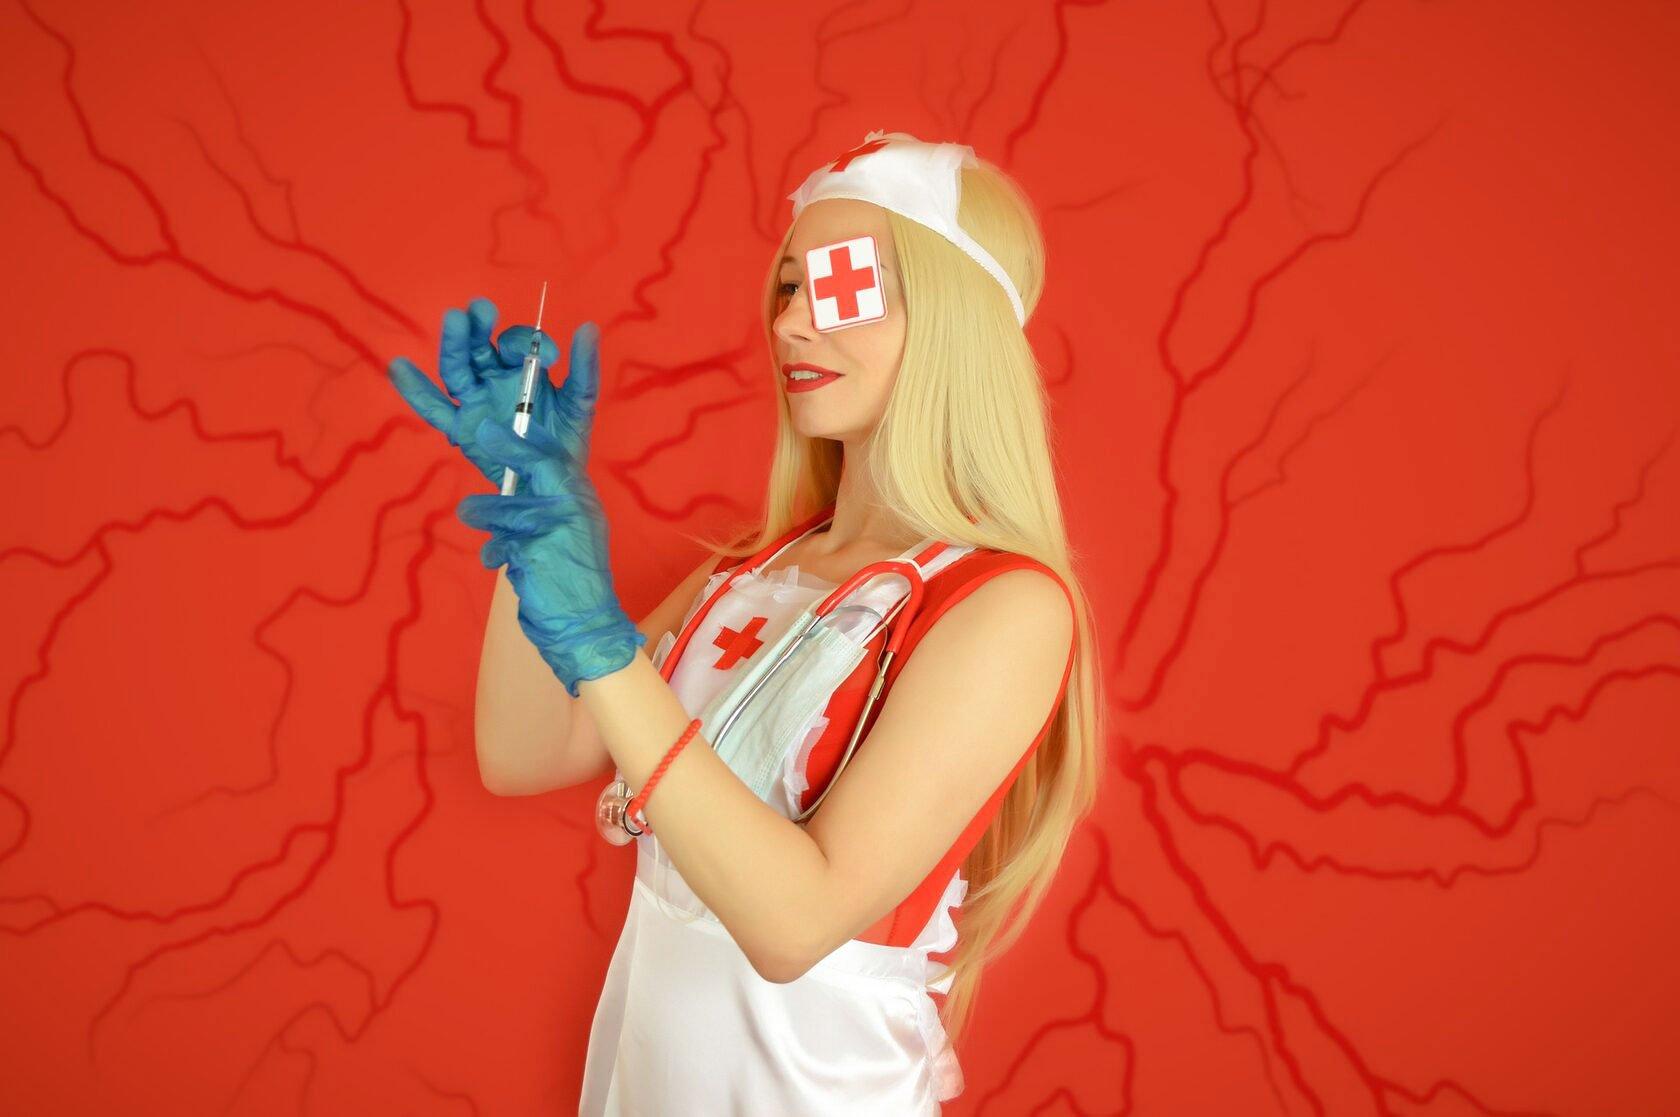 halloween costume ideas 23 21